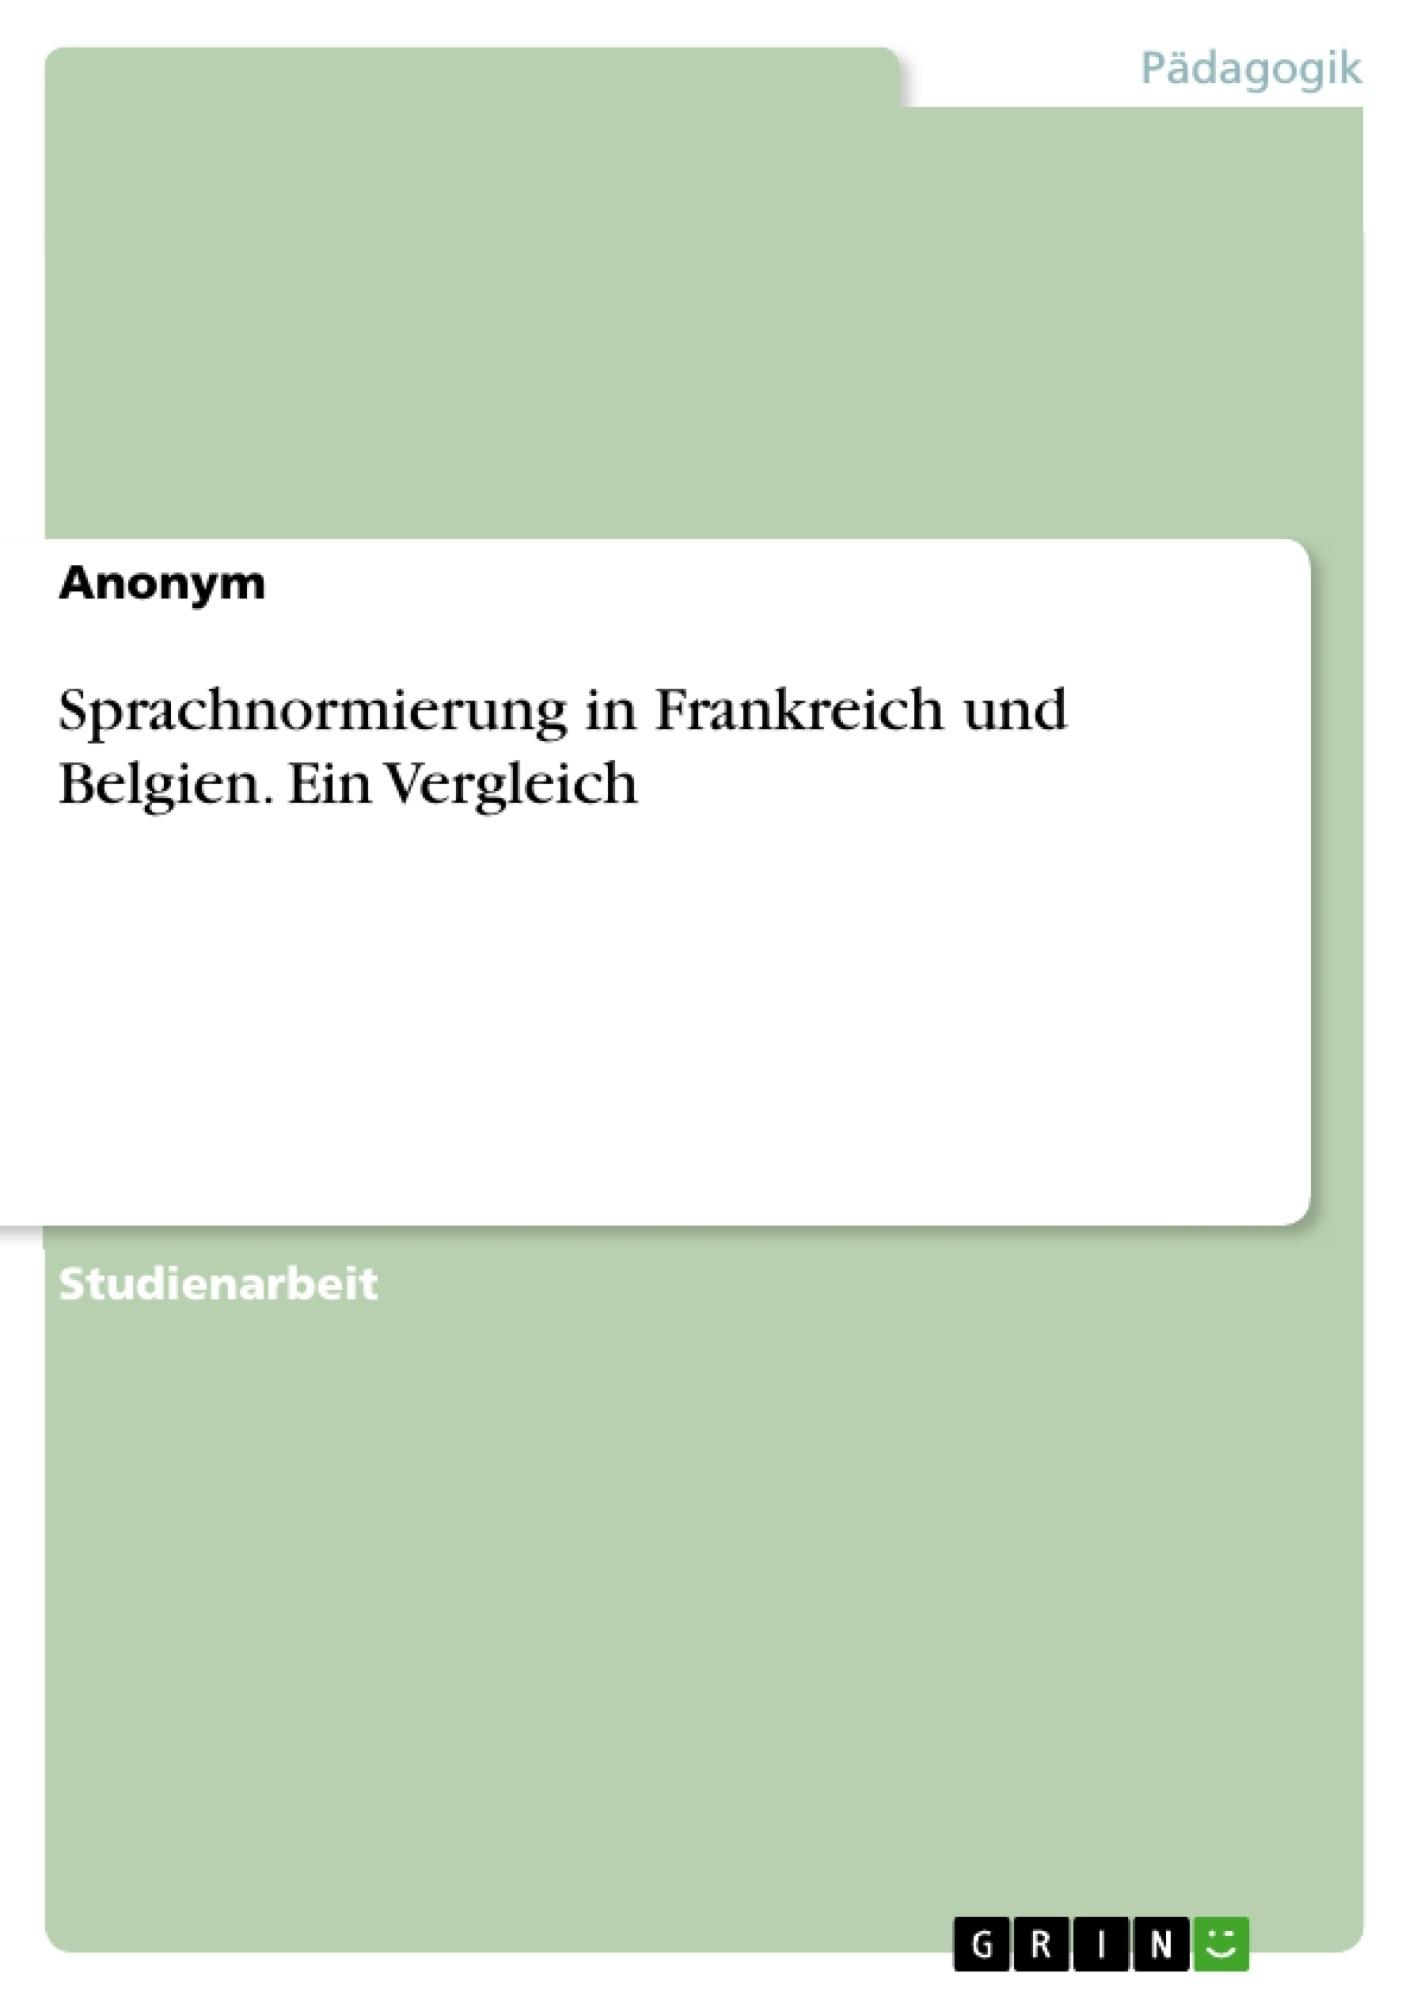 Titel: Sprachnormierung in Frankreich und Belgien.  Ein Vergleich